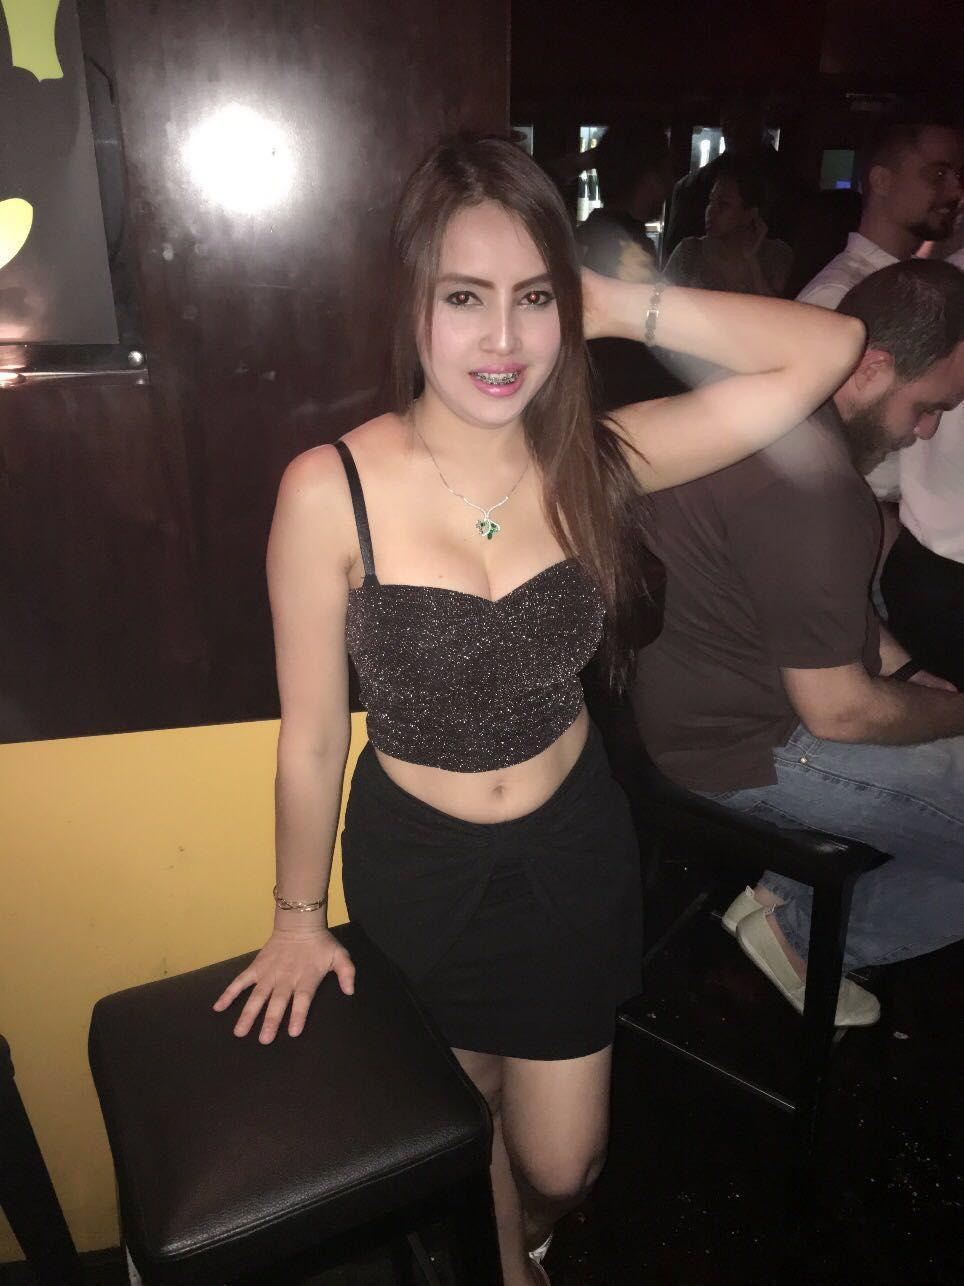 omegle girls escort girl thai